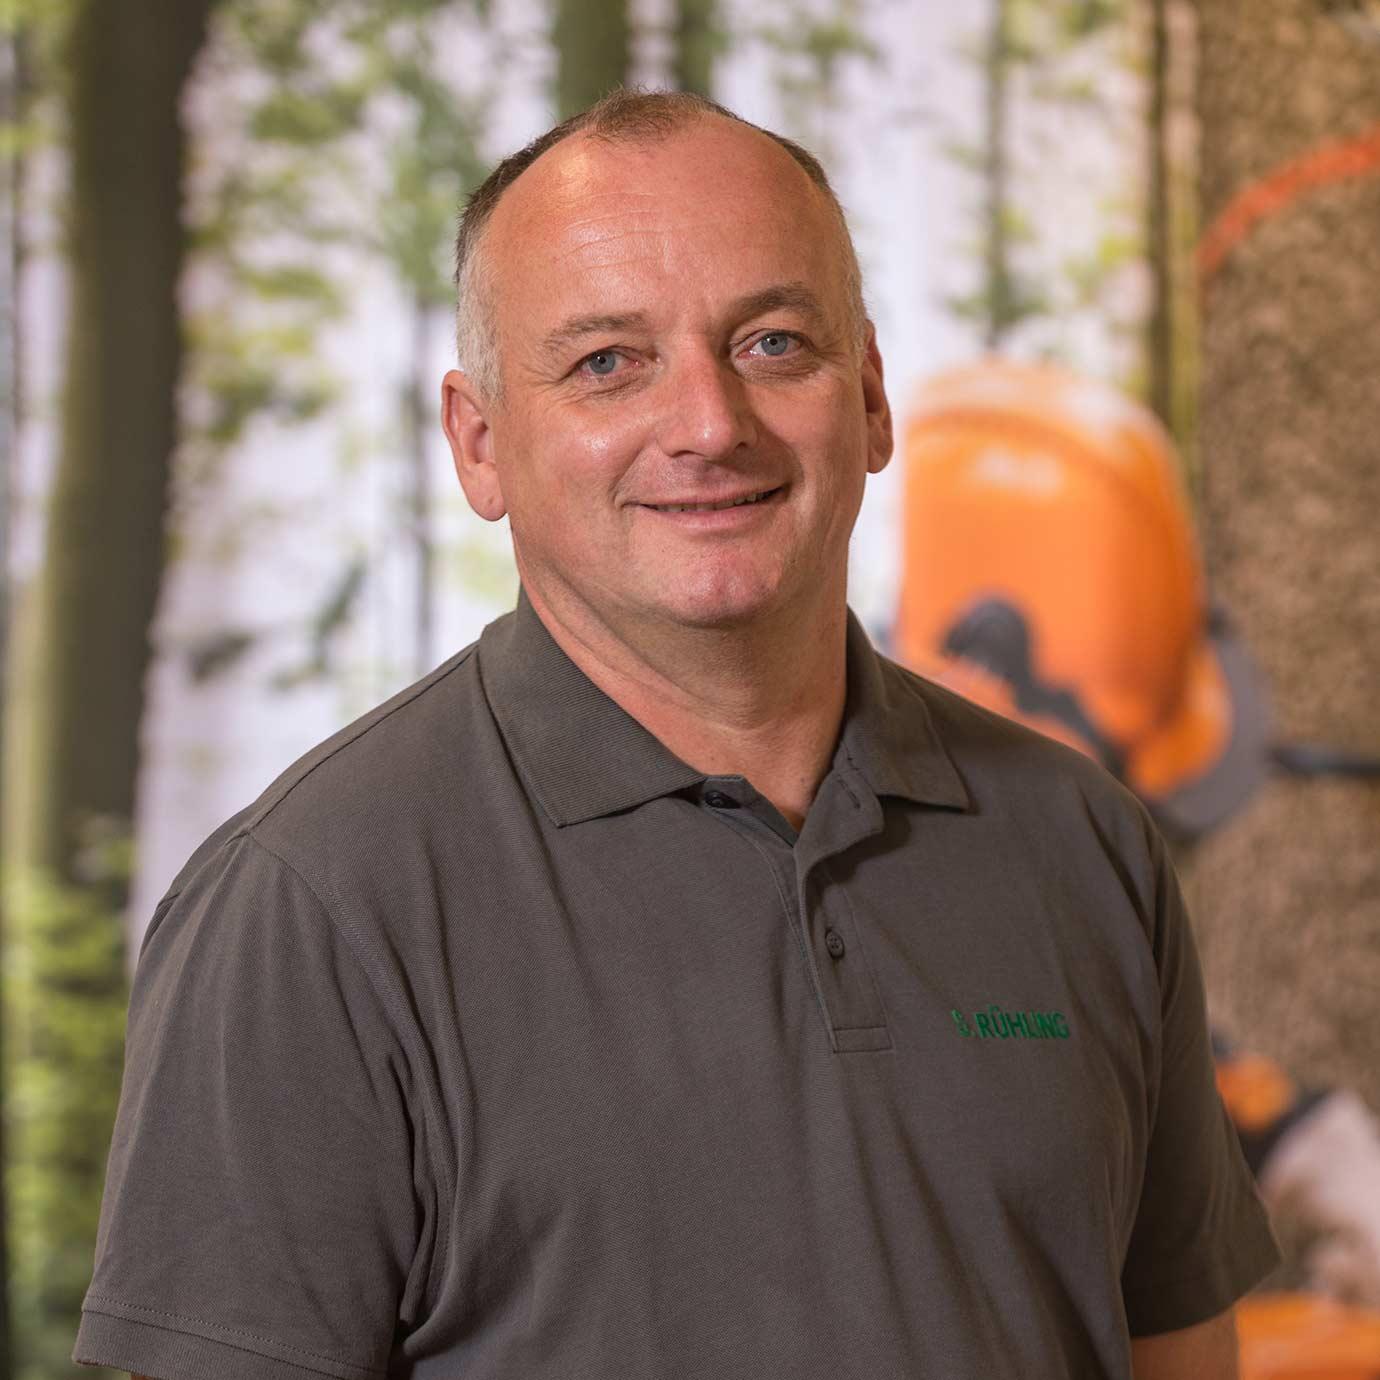 Geschäftsführer Rühling der Forst- und Gartenmarkt Uder GmbH